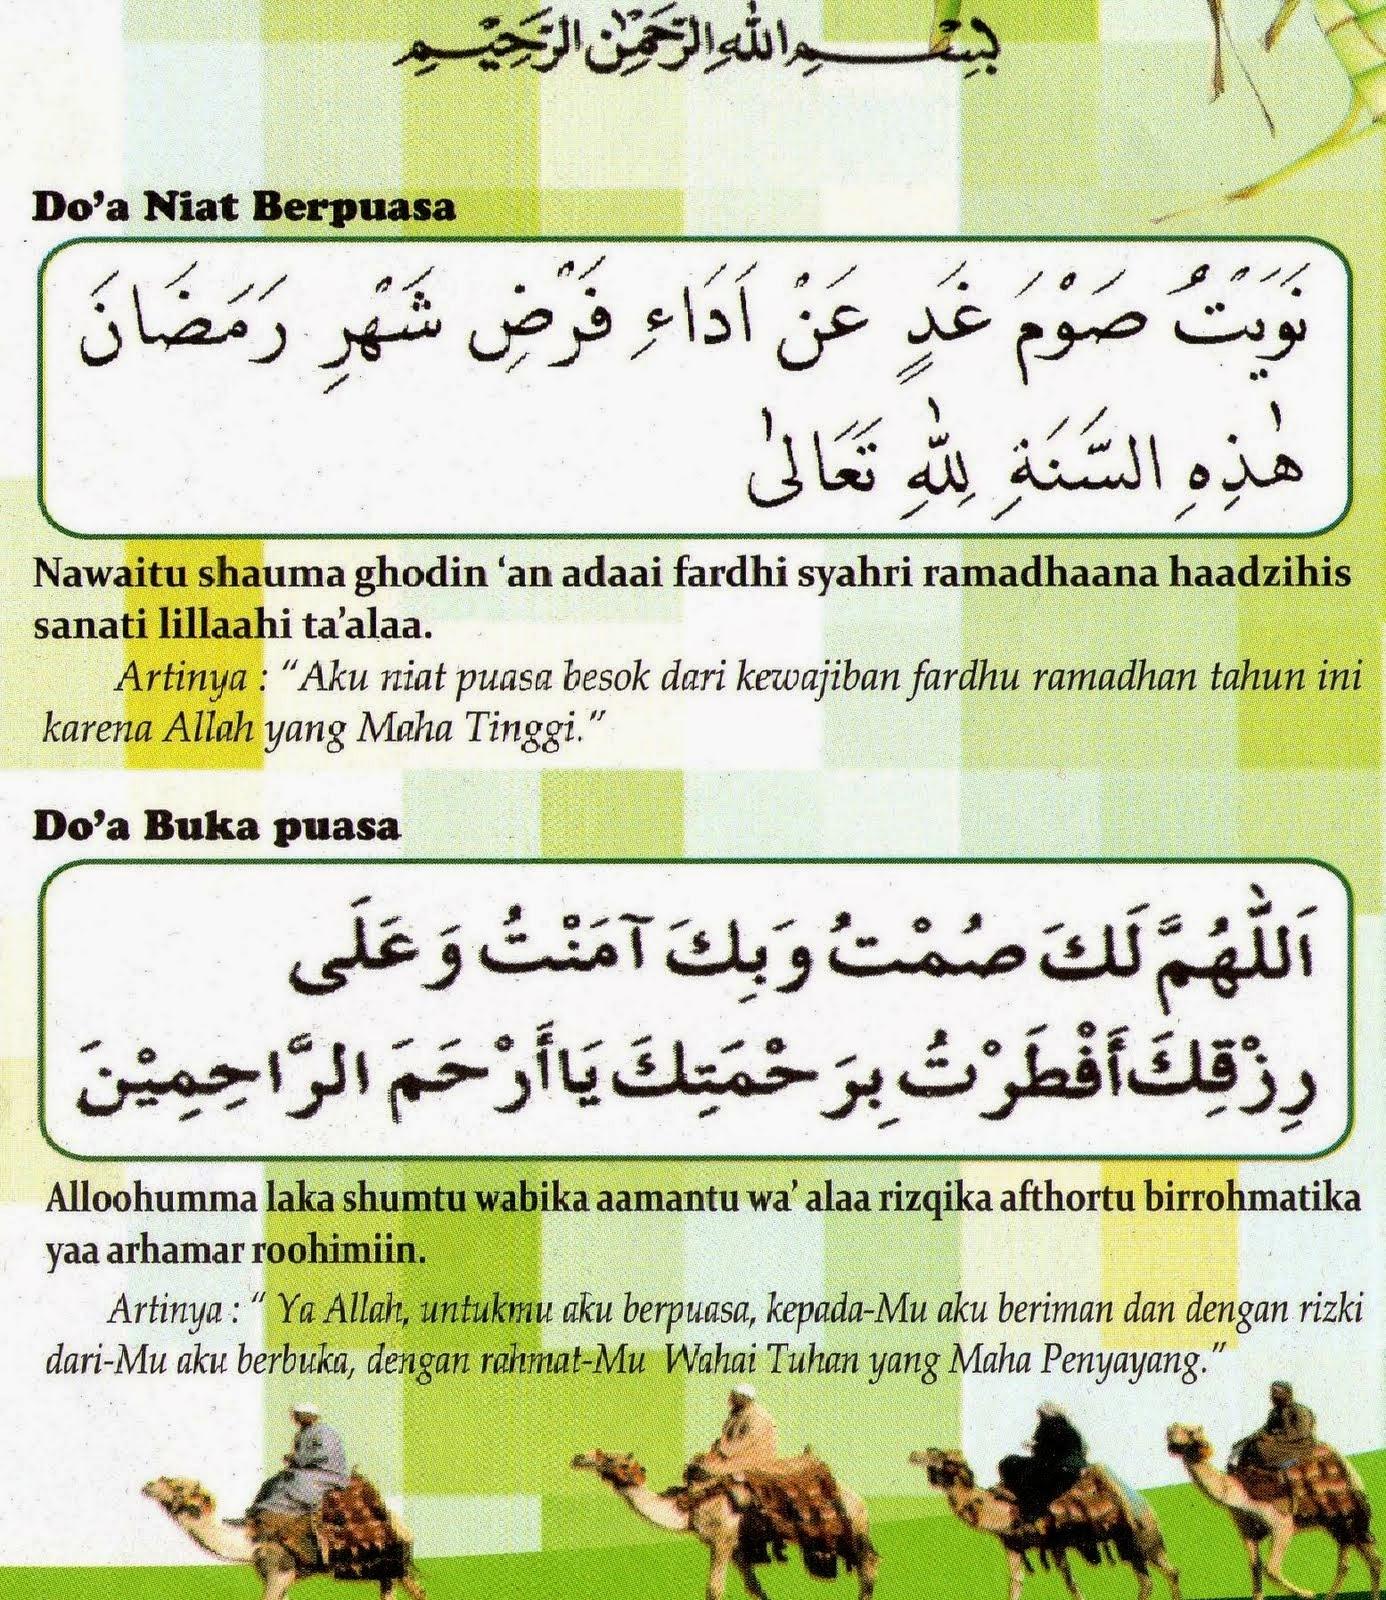 Bacaan Doa Niat BerPuasa & Buka Puasa Ramadhan Lafaz Tulisan Arab dan Artinya